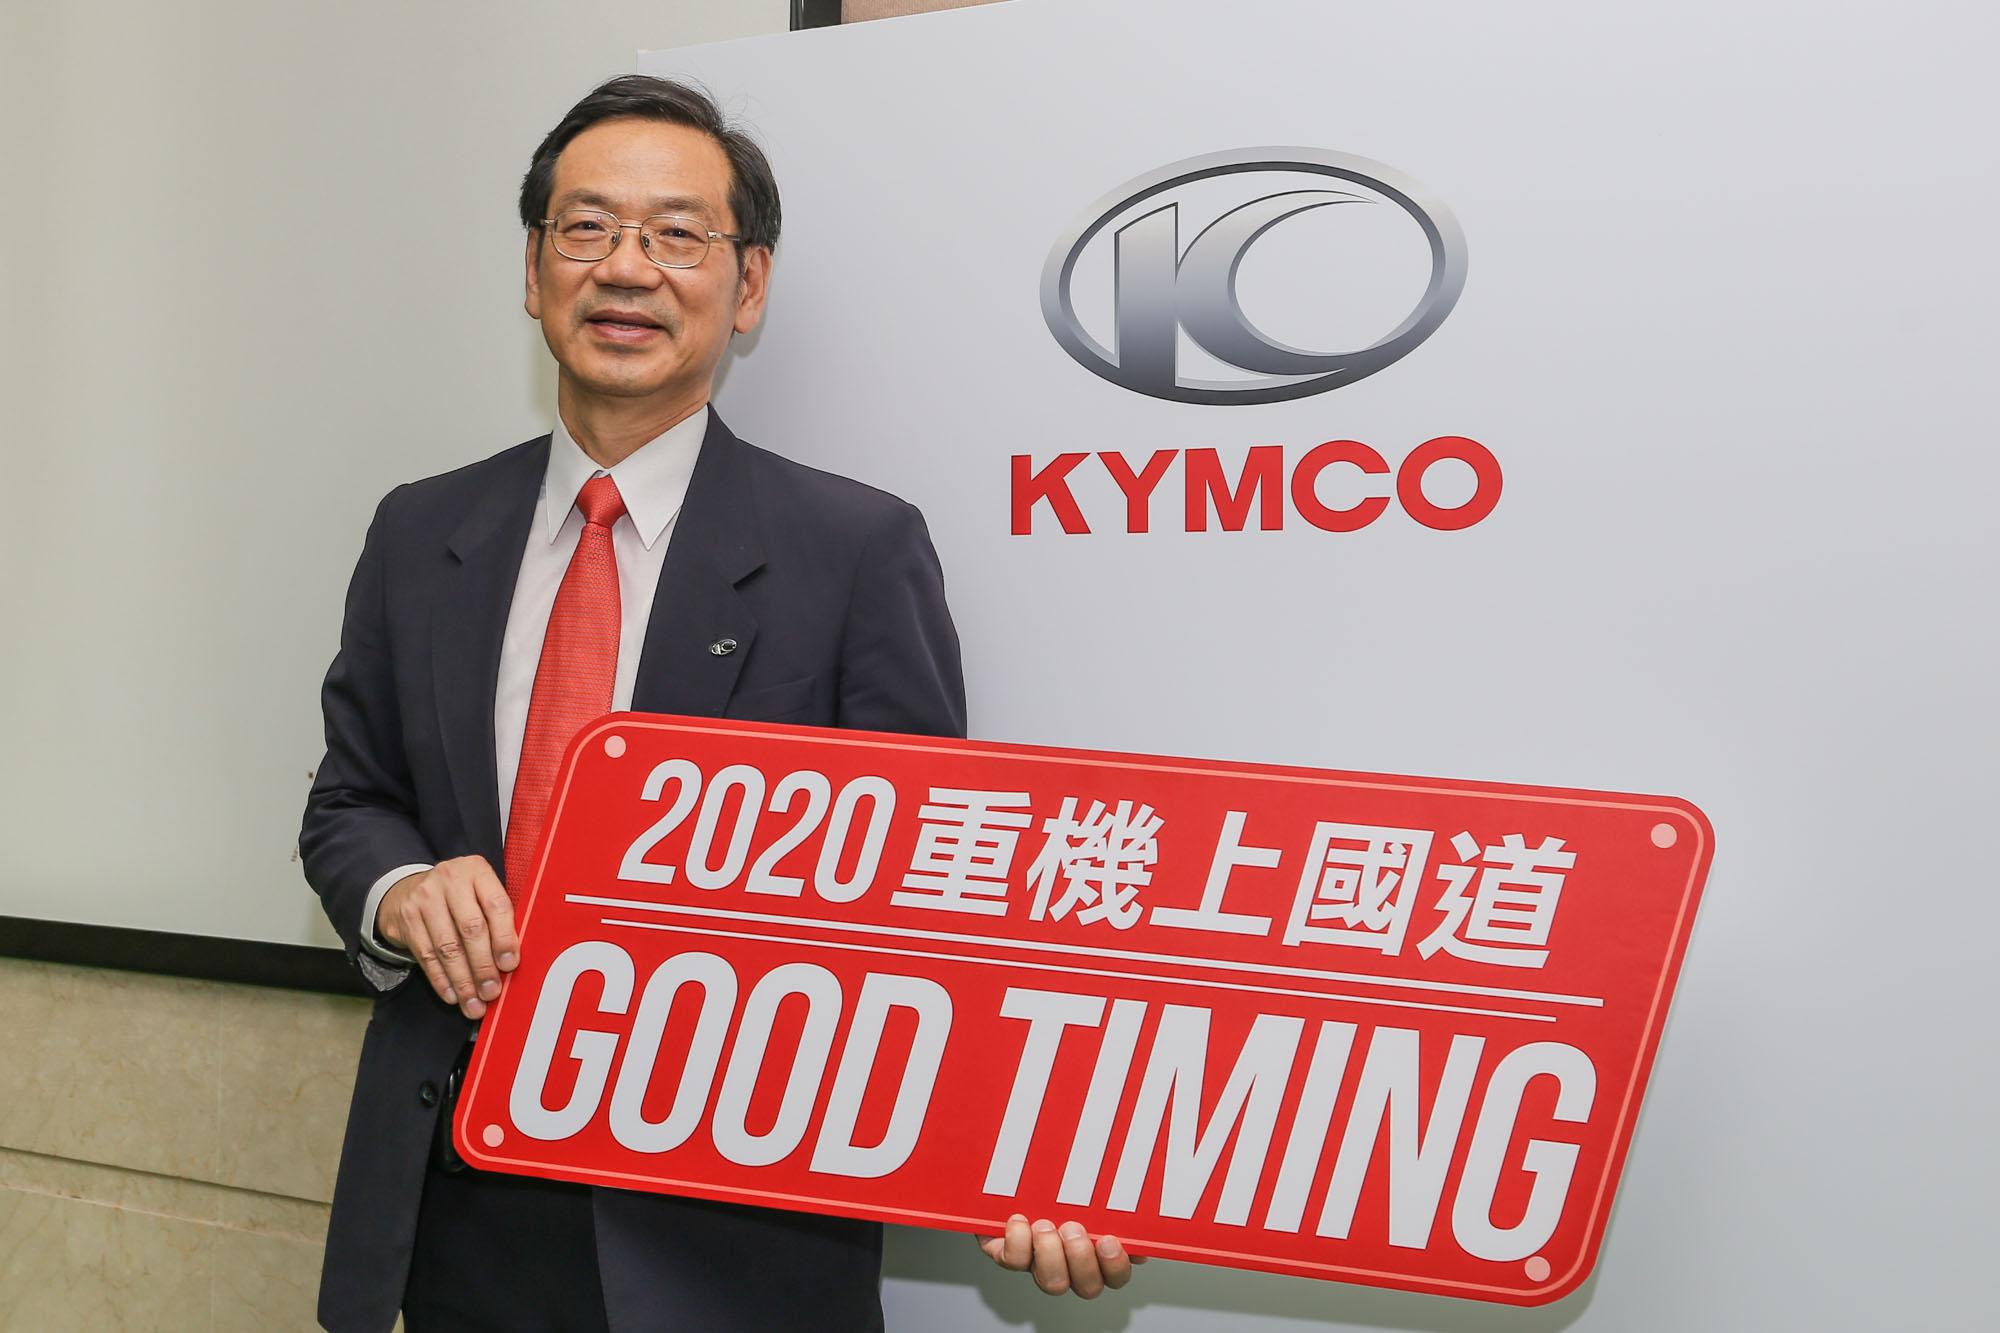 透過 2019 國際重型機車展現場,光陽執行長柯俊斌大力呼籲政府於 2020 年開放大型重型機車騎乘國道。